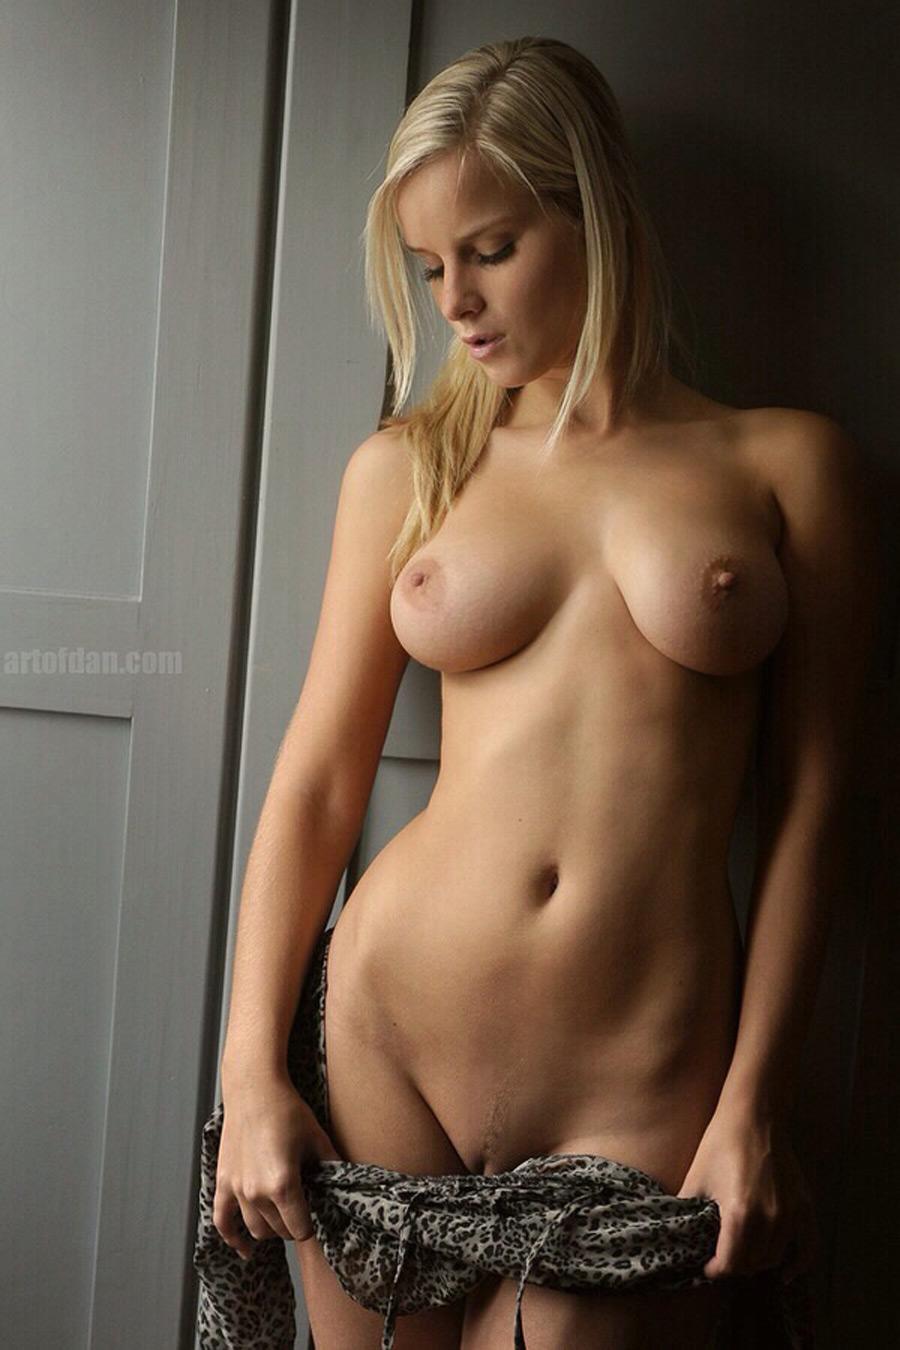 Blonde slovaque nue aux seins de rêve